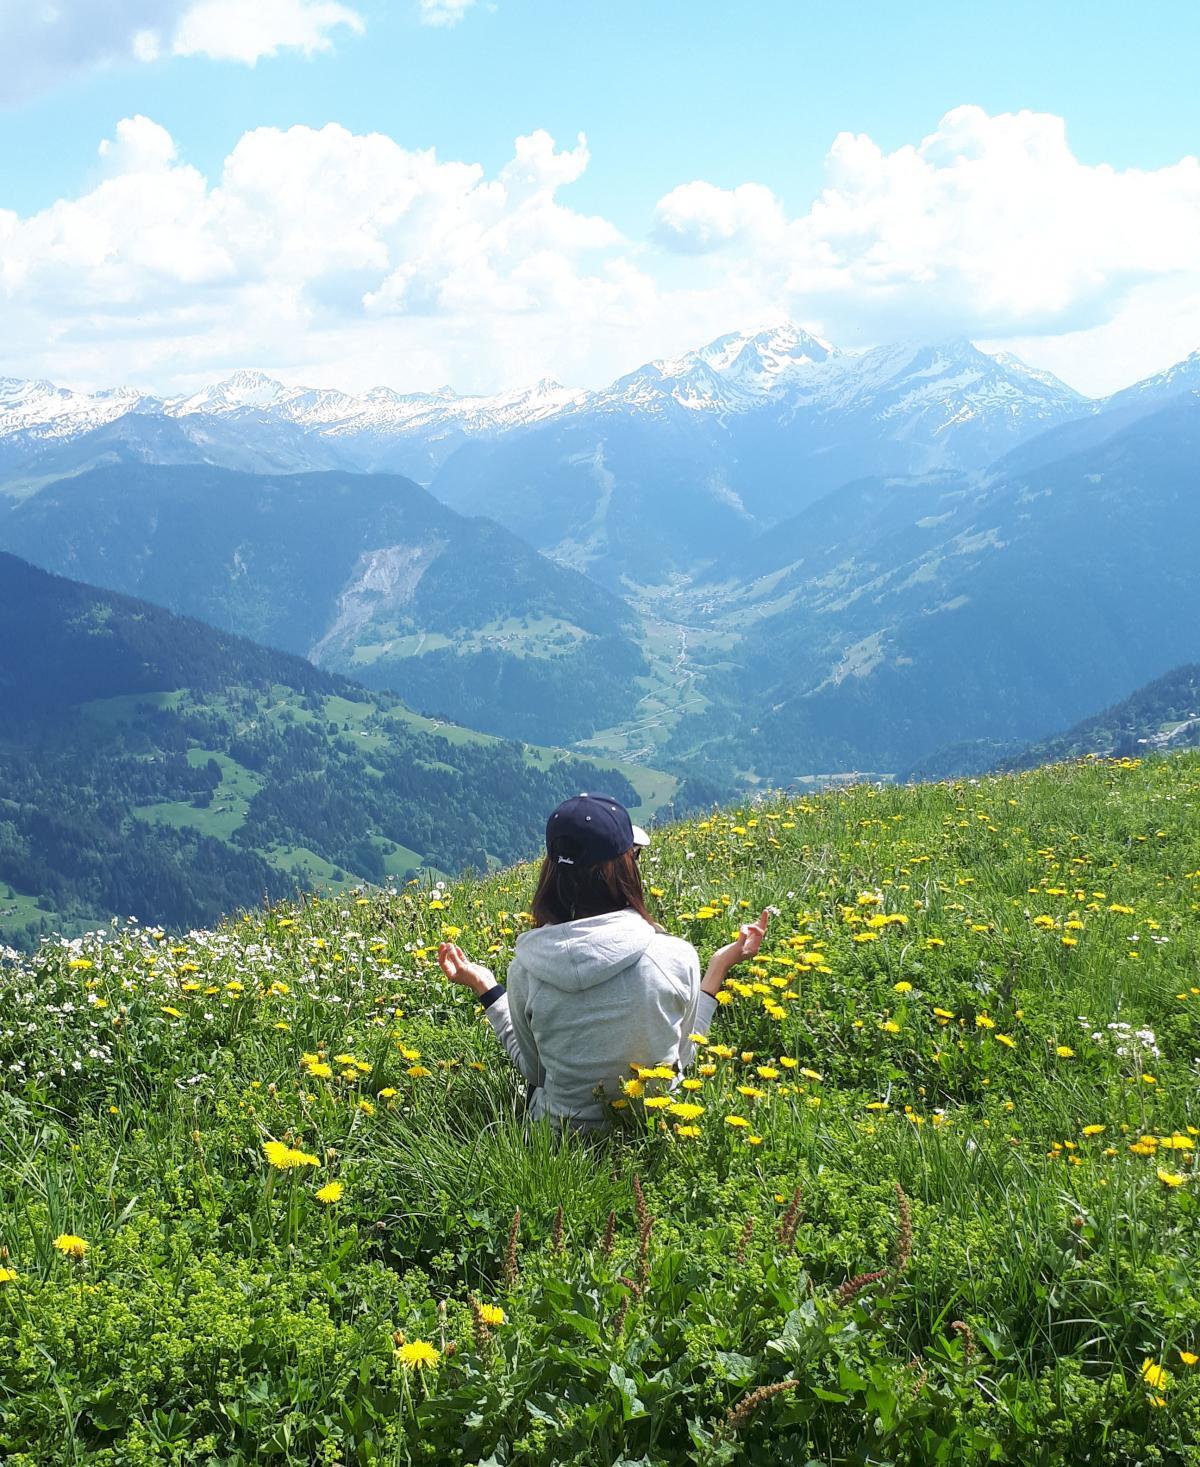 Les bienfaits de la marche en montagne